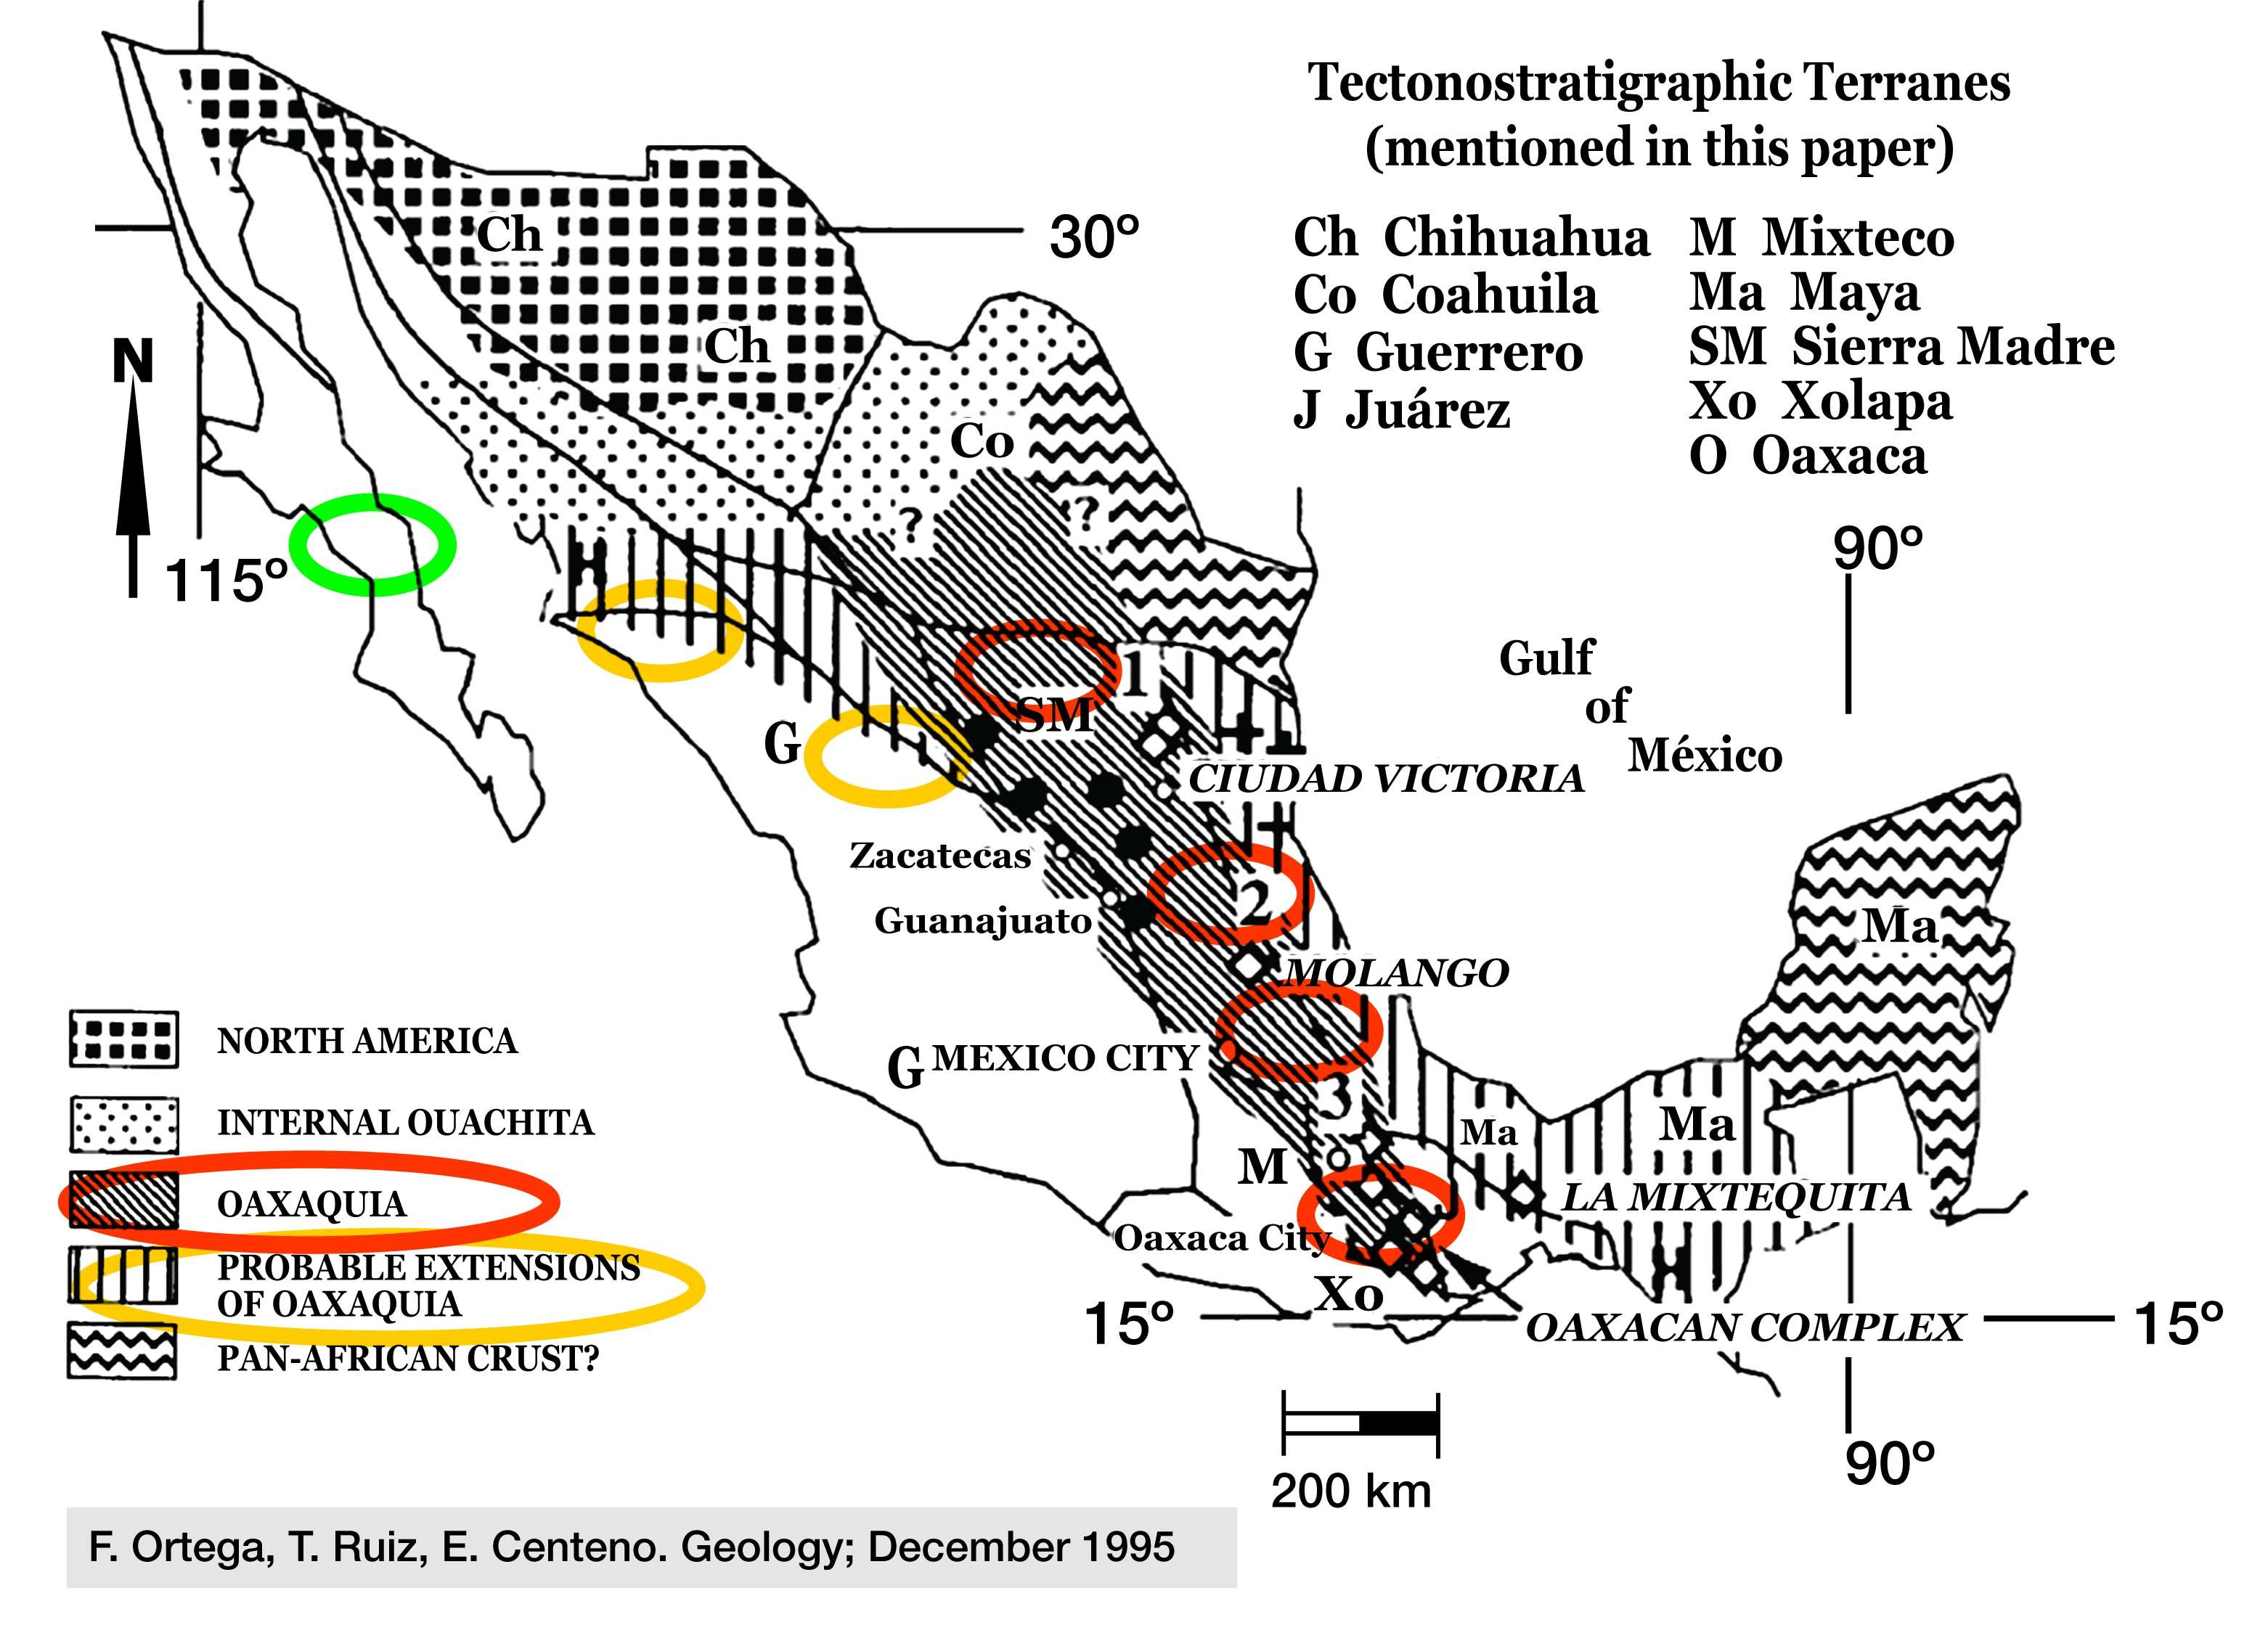 Mxico con posibilidades para producir tierras raras para energa mxico con posibilidades para producir tierras raras para energa renovable urtaz Images